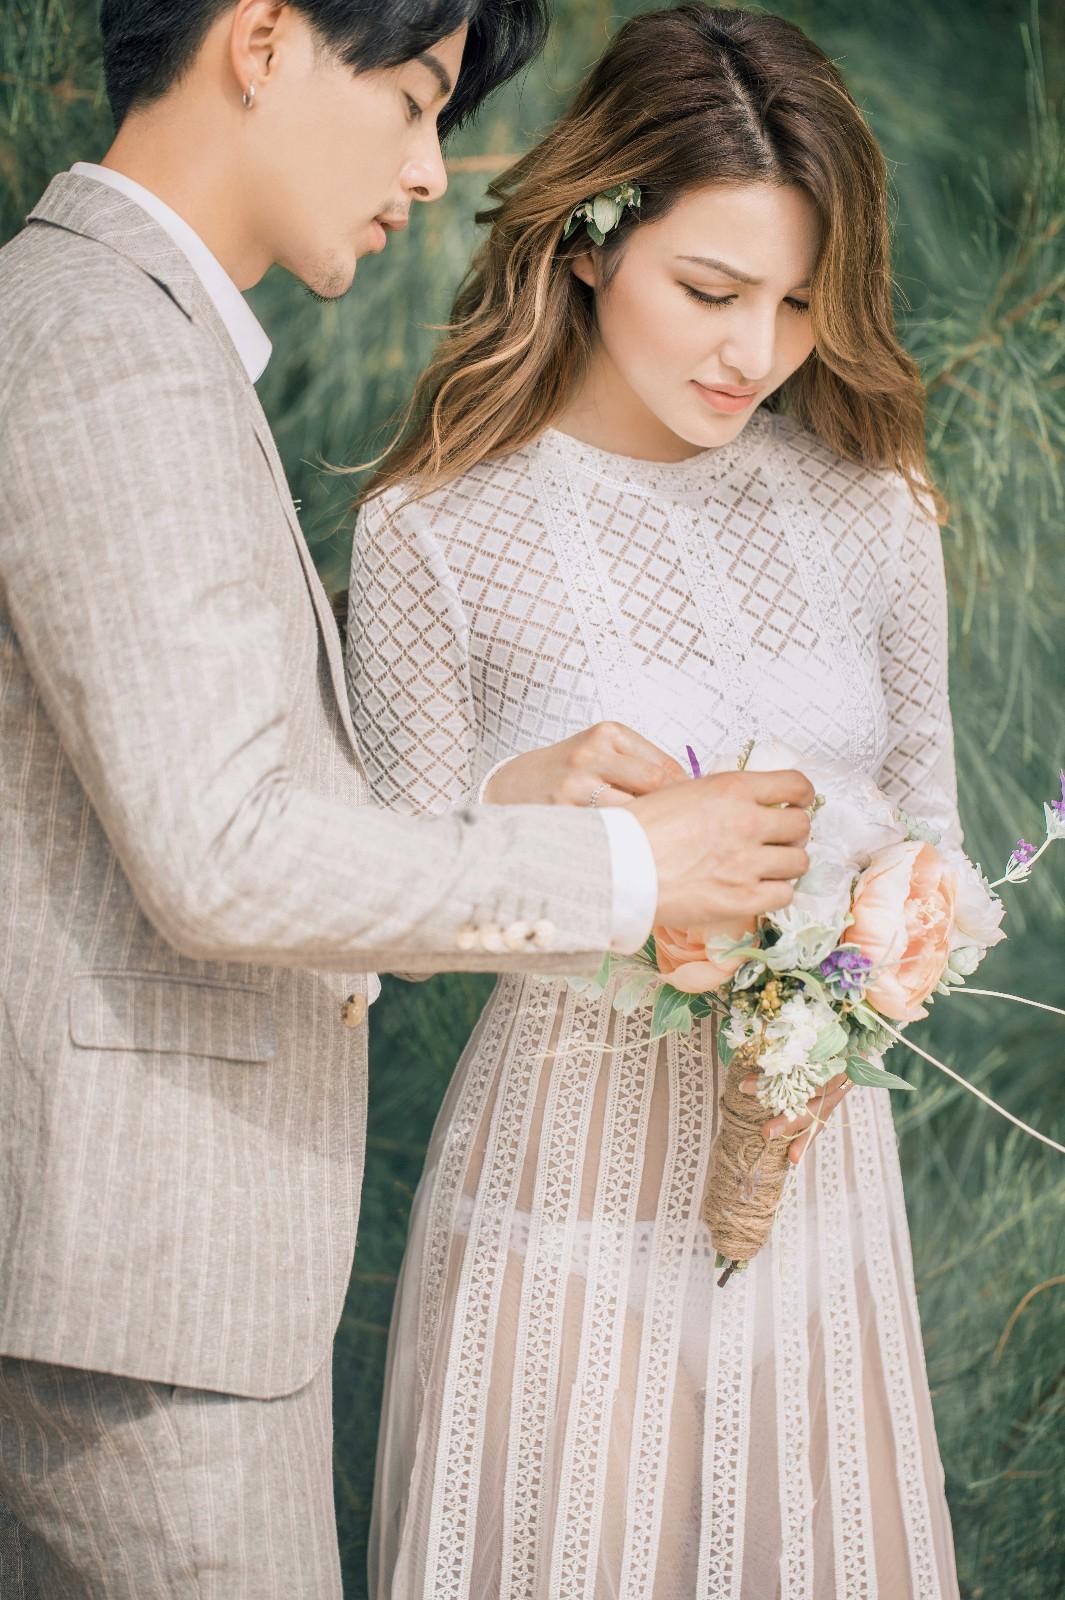 结婚之前拍婚纱照礼服怎么选择的技巧